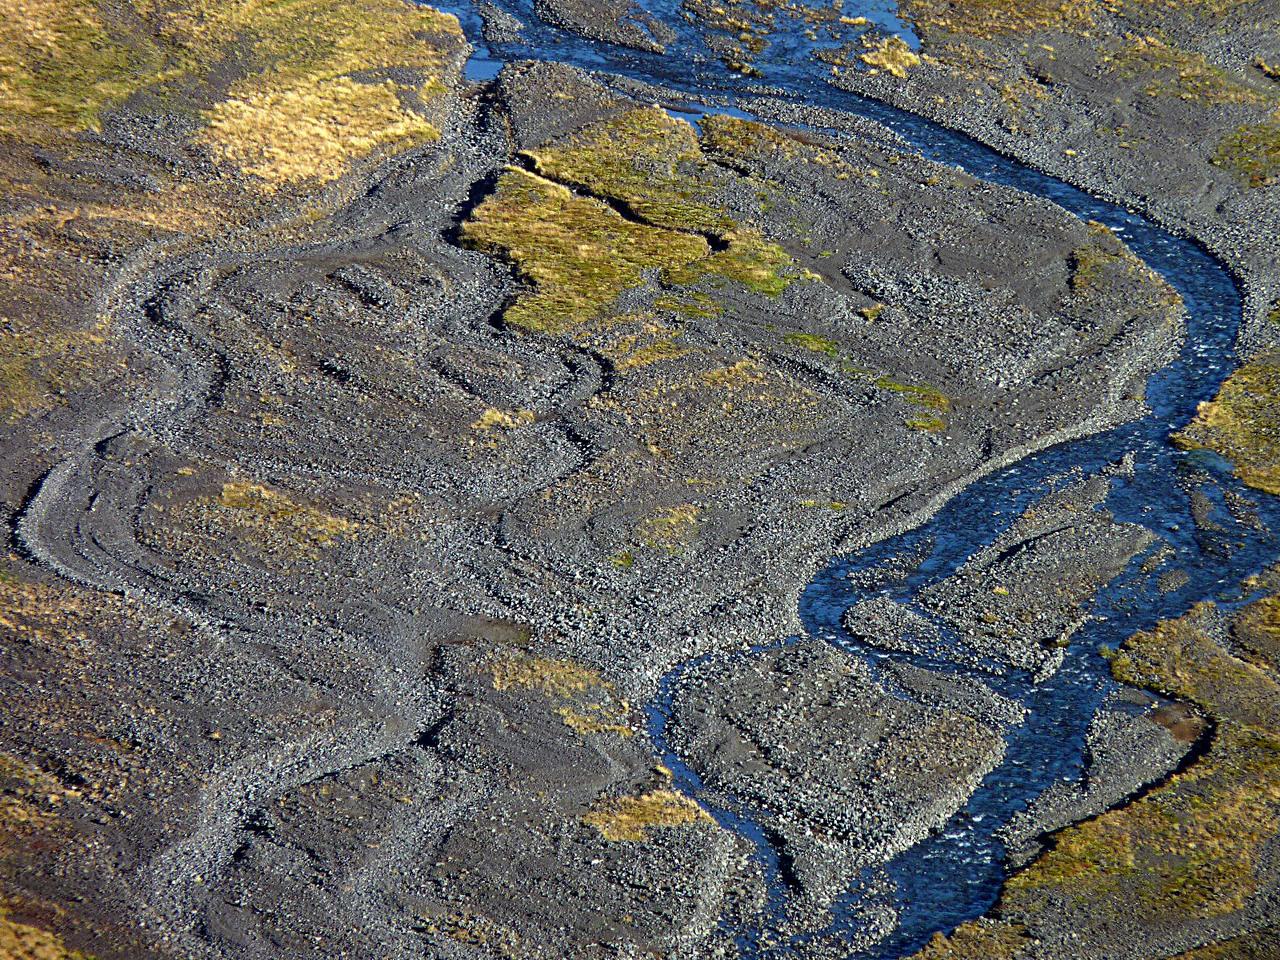 Hordalékmező az Eyjafjallajökull közelében. Az olvadás idején a hegyekből lezúduló víz komoly eróziós tevékenységet végez. A nagyobb áradások teljesen átformálják a szétterülő folyómedret, ezért minden ilyen alkalom után újra meg újra meg kell találni a járművel legjárhatóbb átkelőket